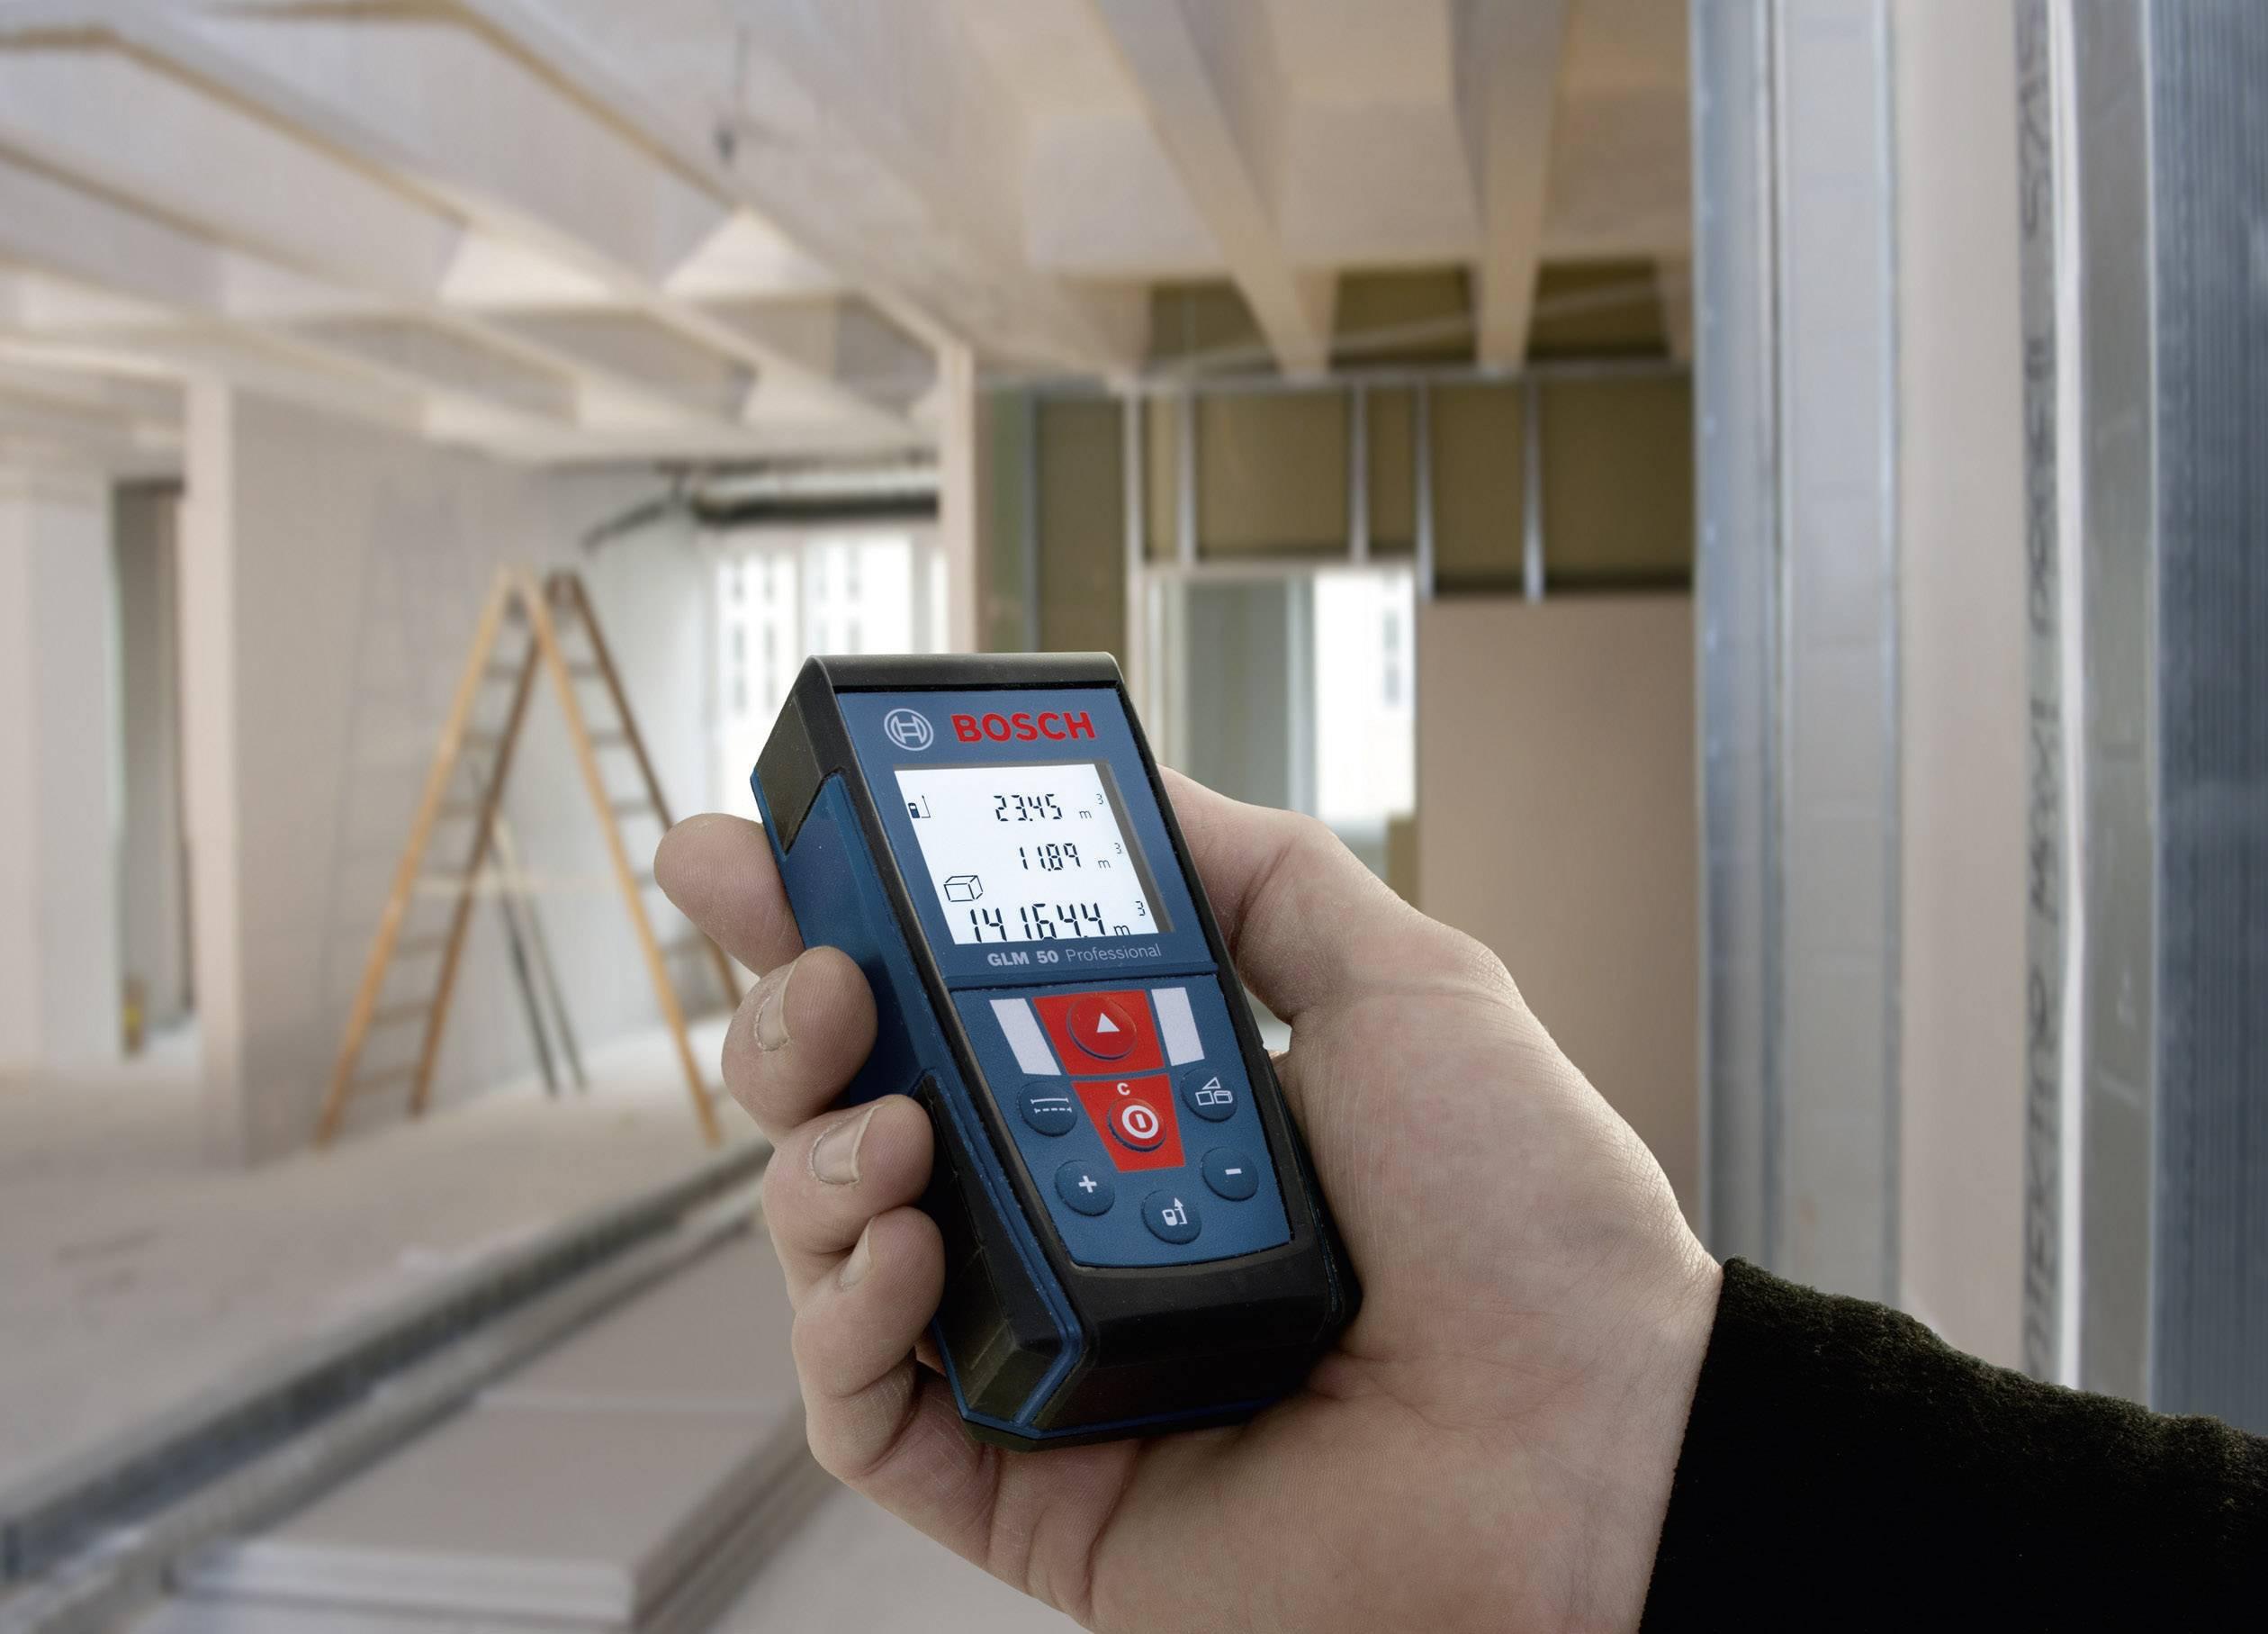 Laser Entfernungsmesser Glm 50 C Professional : Laser entfernungsmesser glm c professional bosch